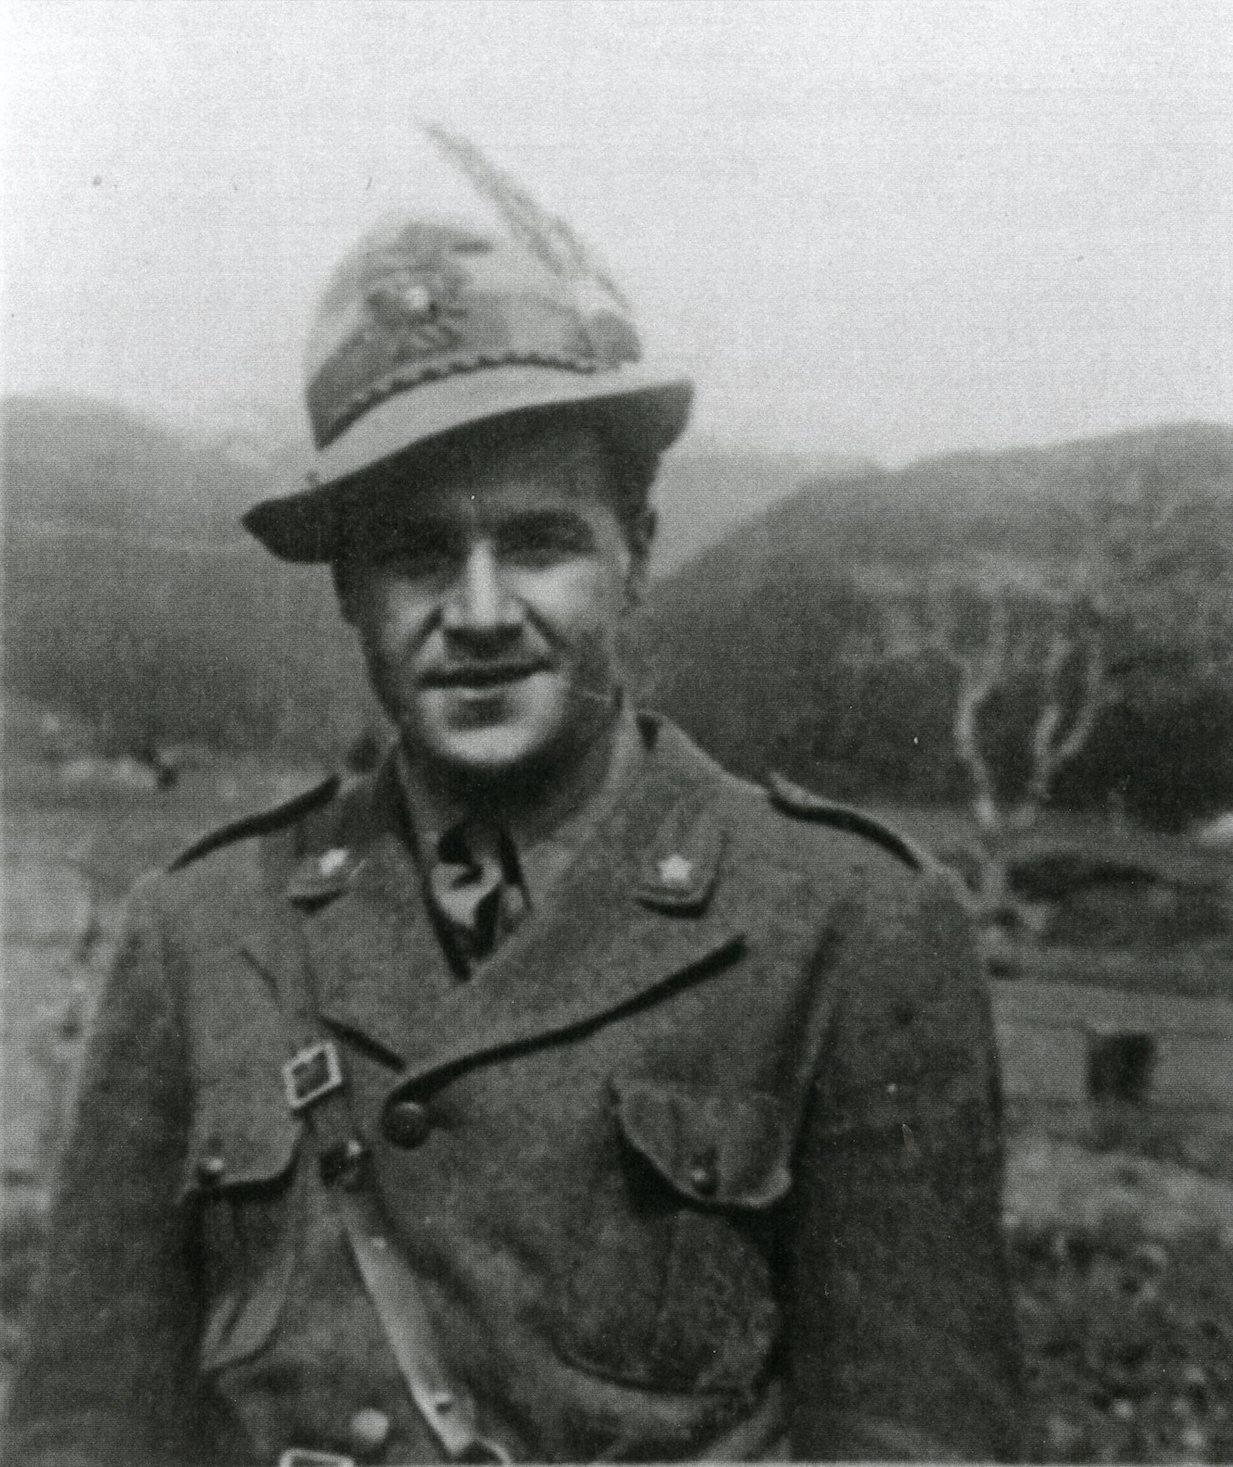 """Giovanni Battista Bertagni, già sottotenente di complemento degli alpini, nell'estate del 1944 fu al comando del Battaglione """"Casino"""" della Brigata Garfagnana della Divisione Garibaldi Lunense."""